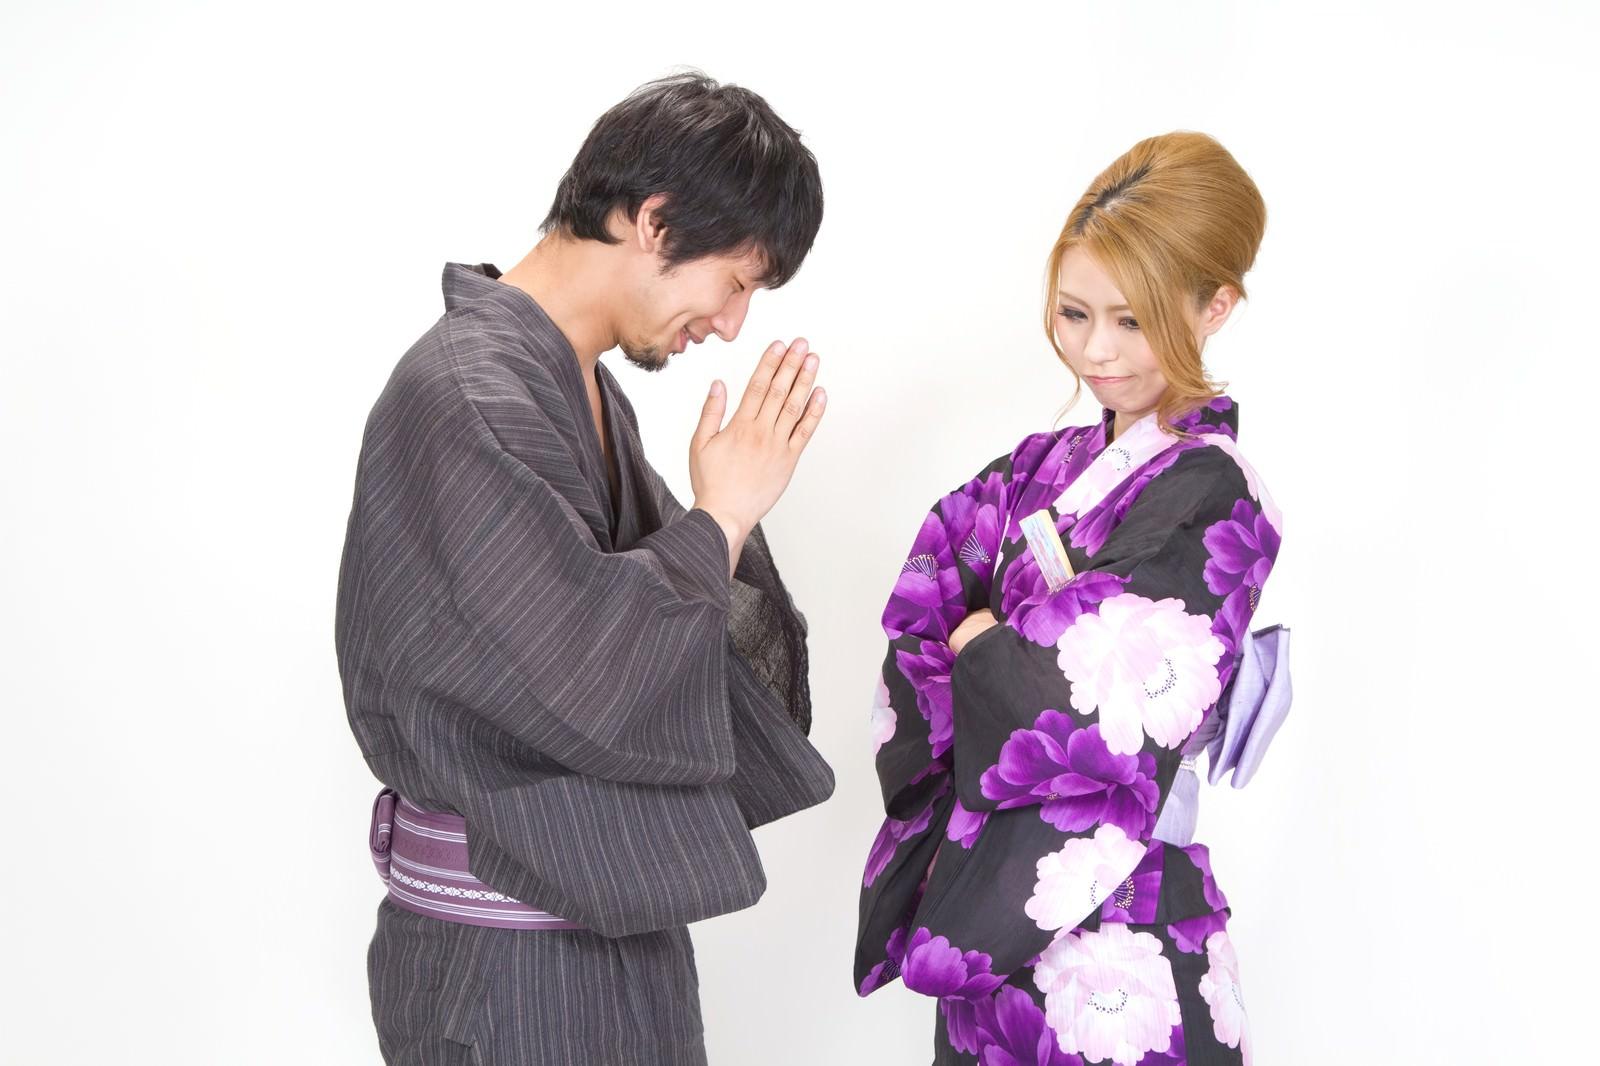 你属于什么类型的人?日语中形容人属于什么类型的《屋,Ya》